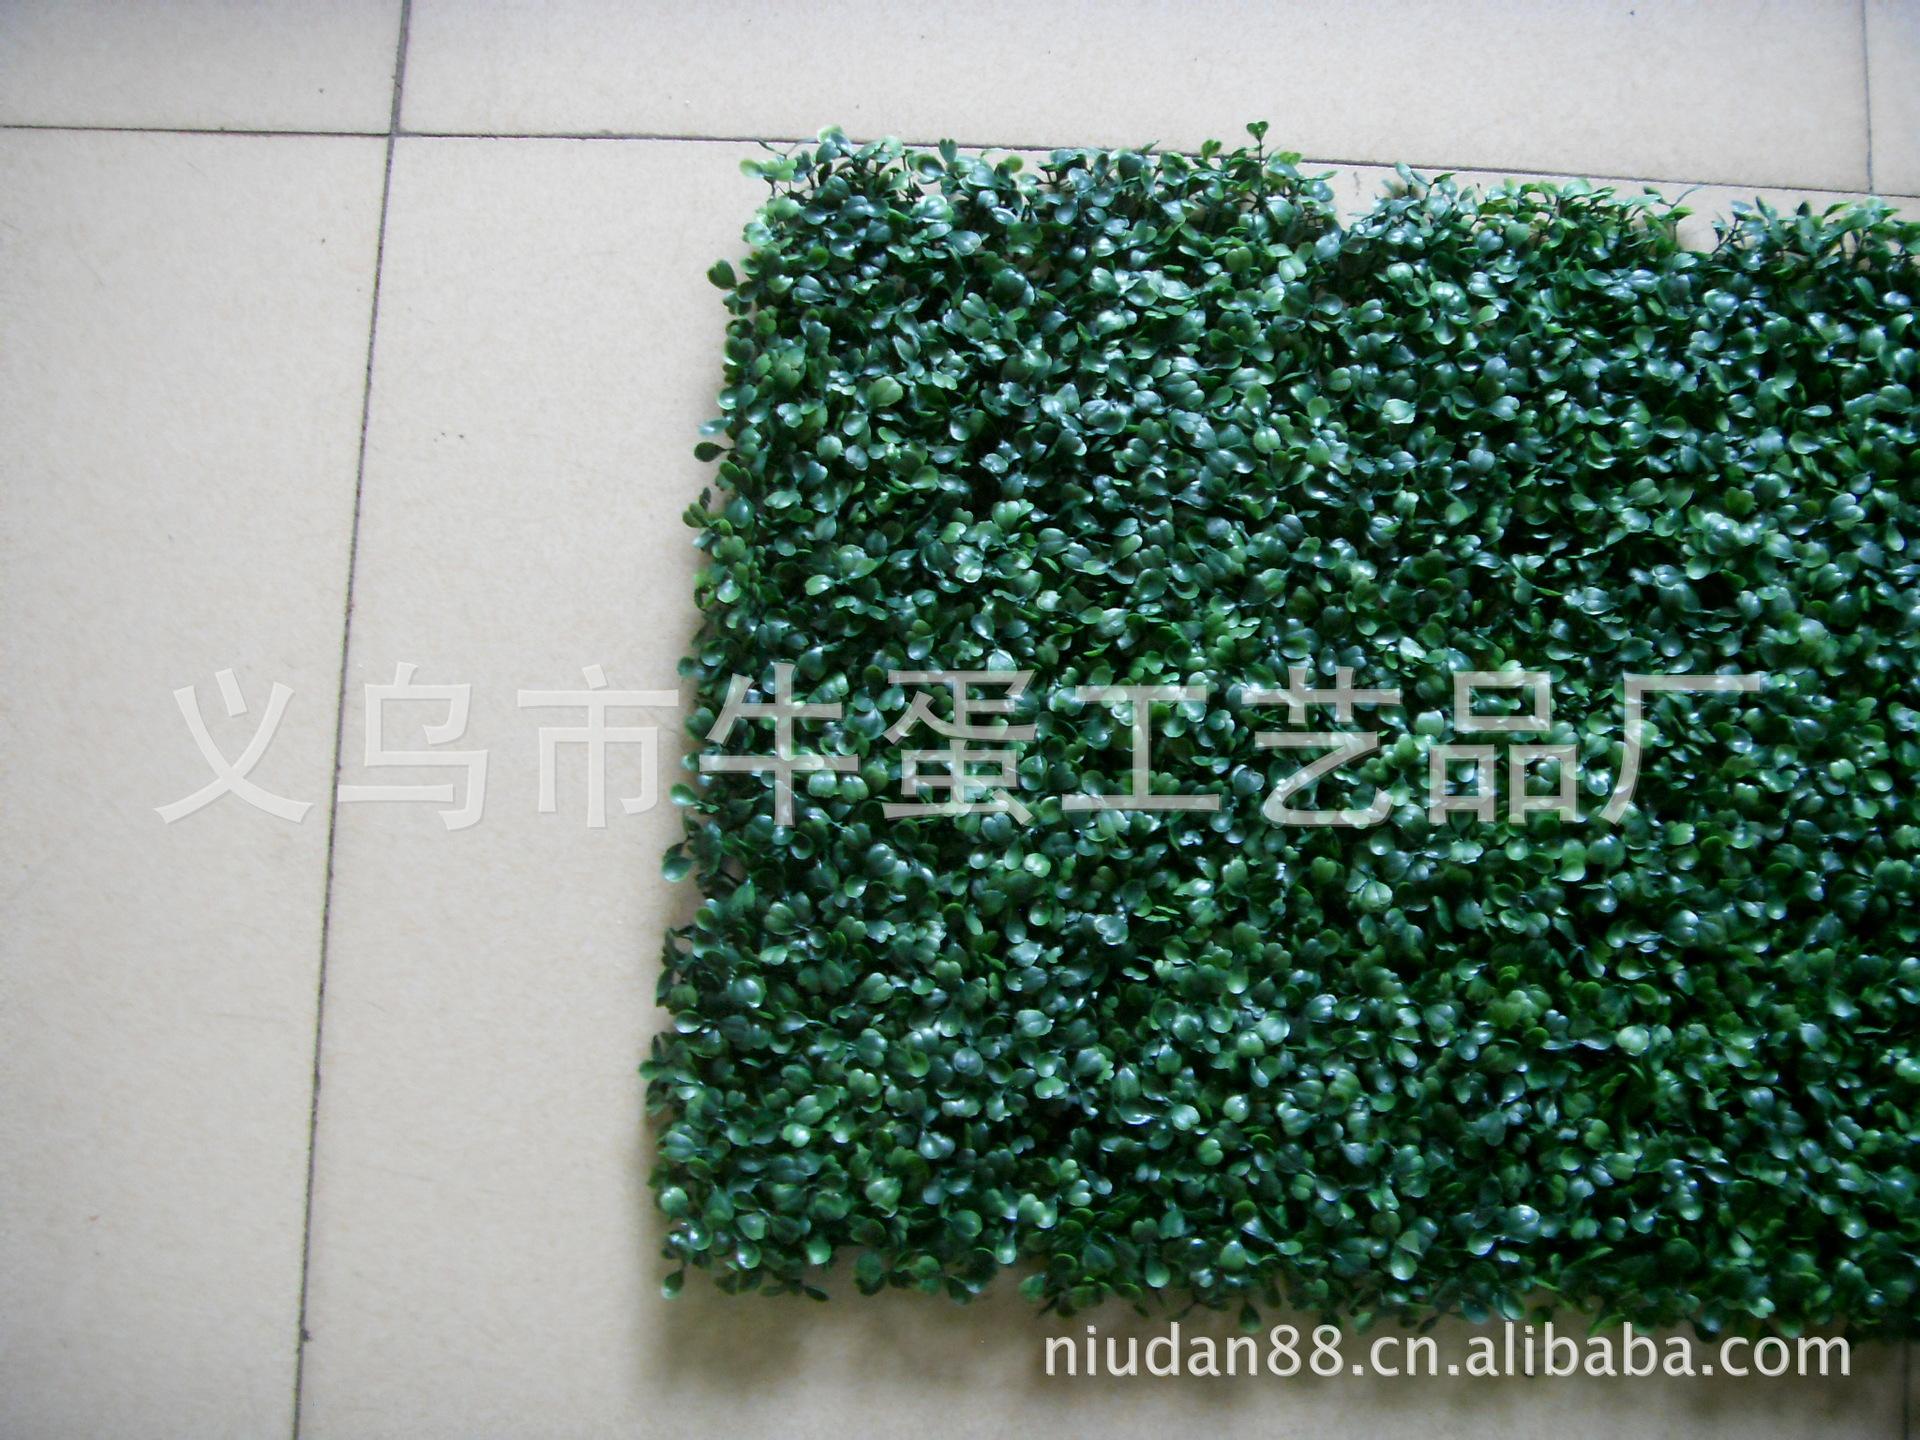 皮人造草皮米兰瓜子草皮图片,供应批发塑料仿真草坪假草皮人造草